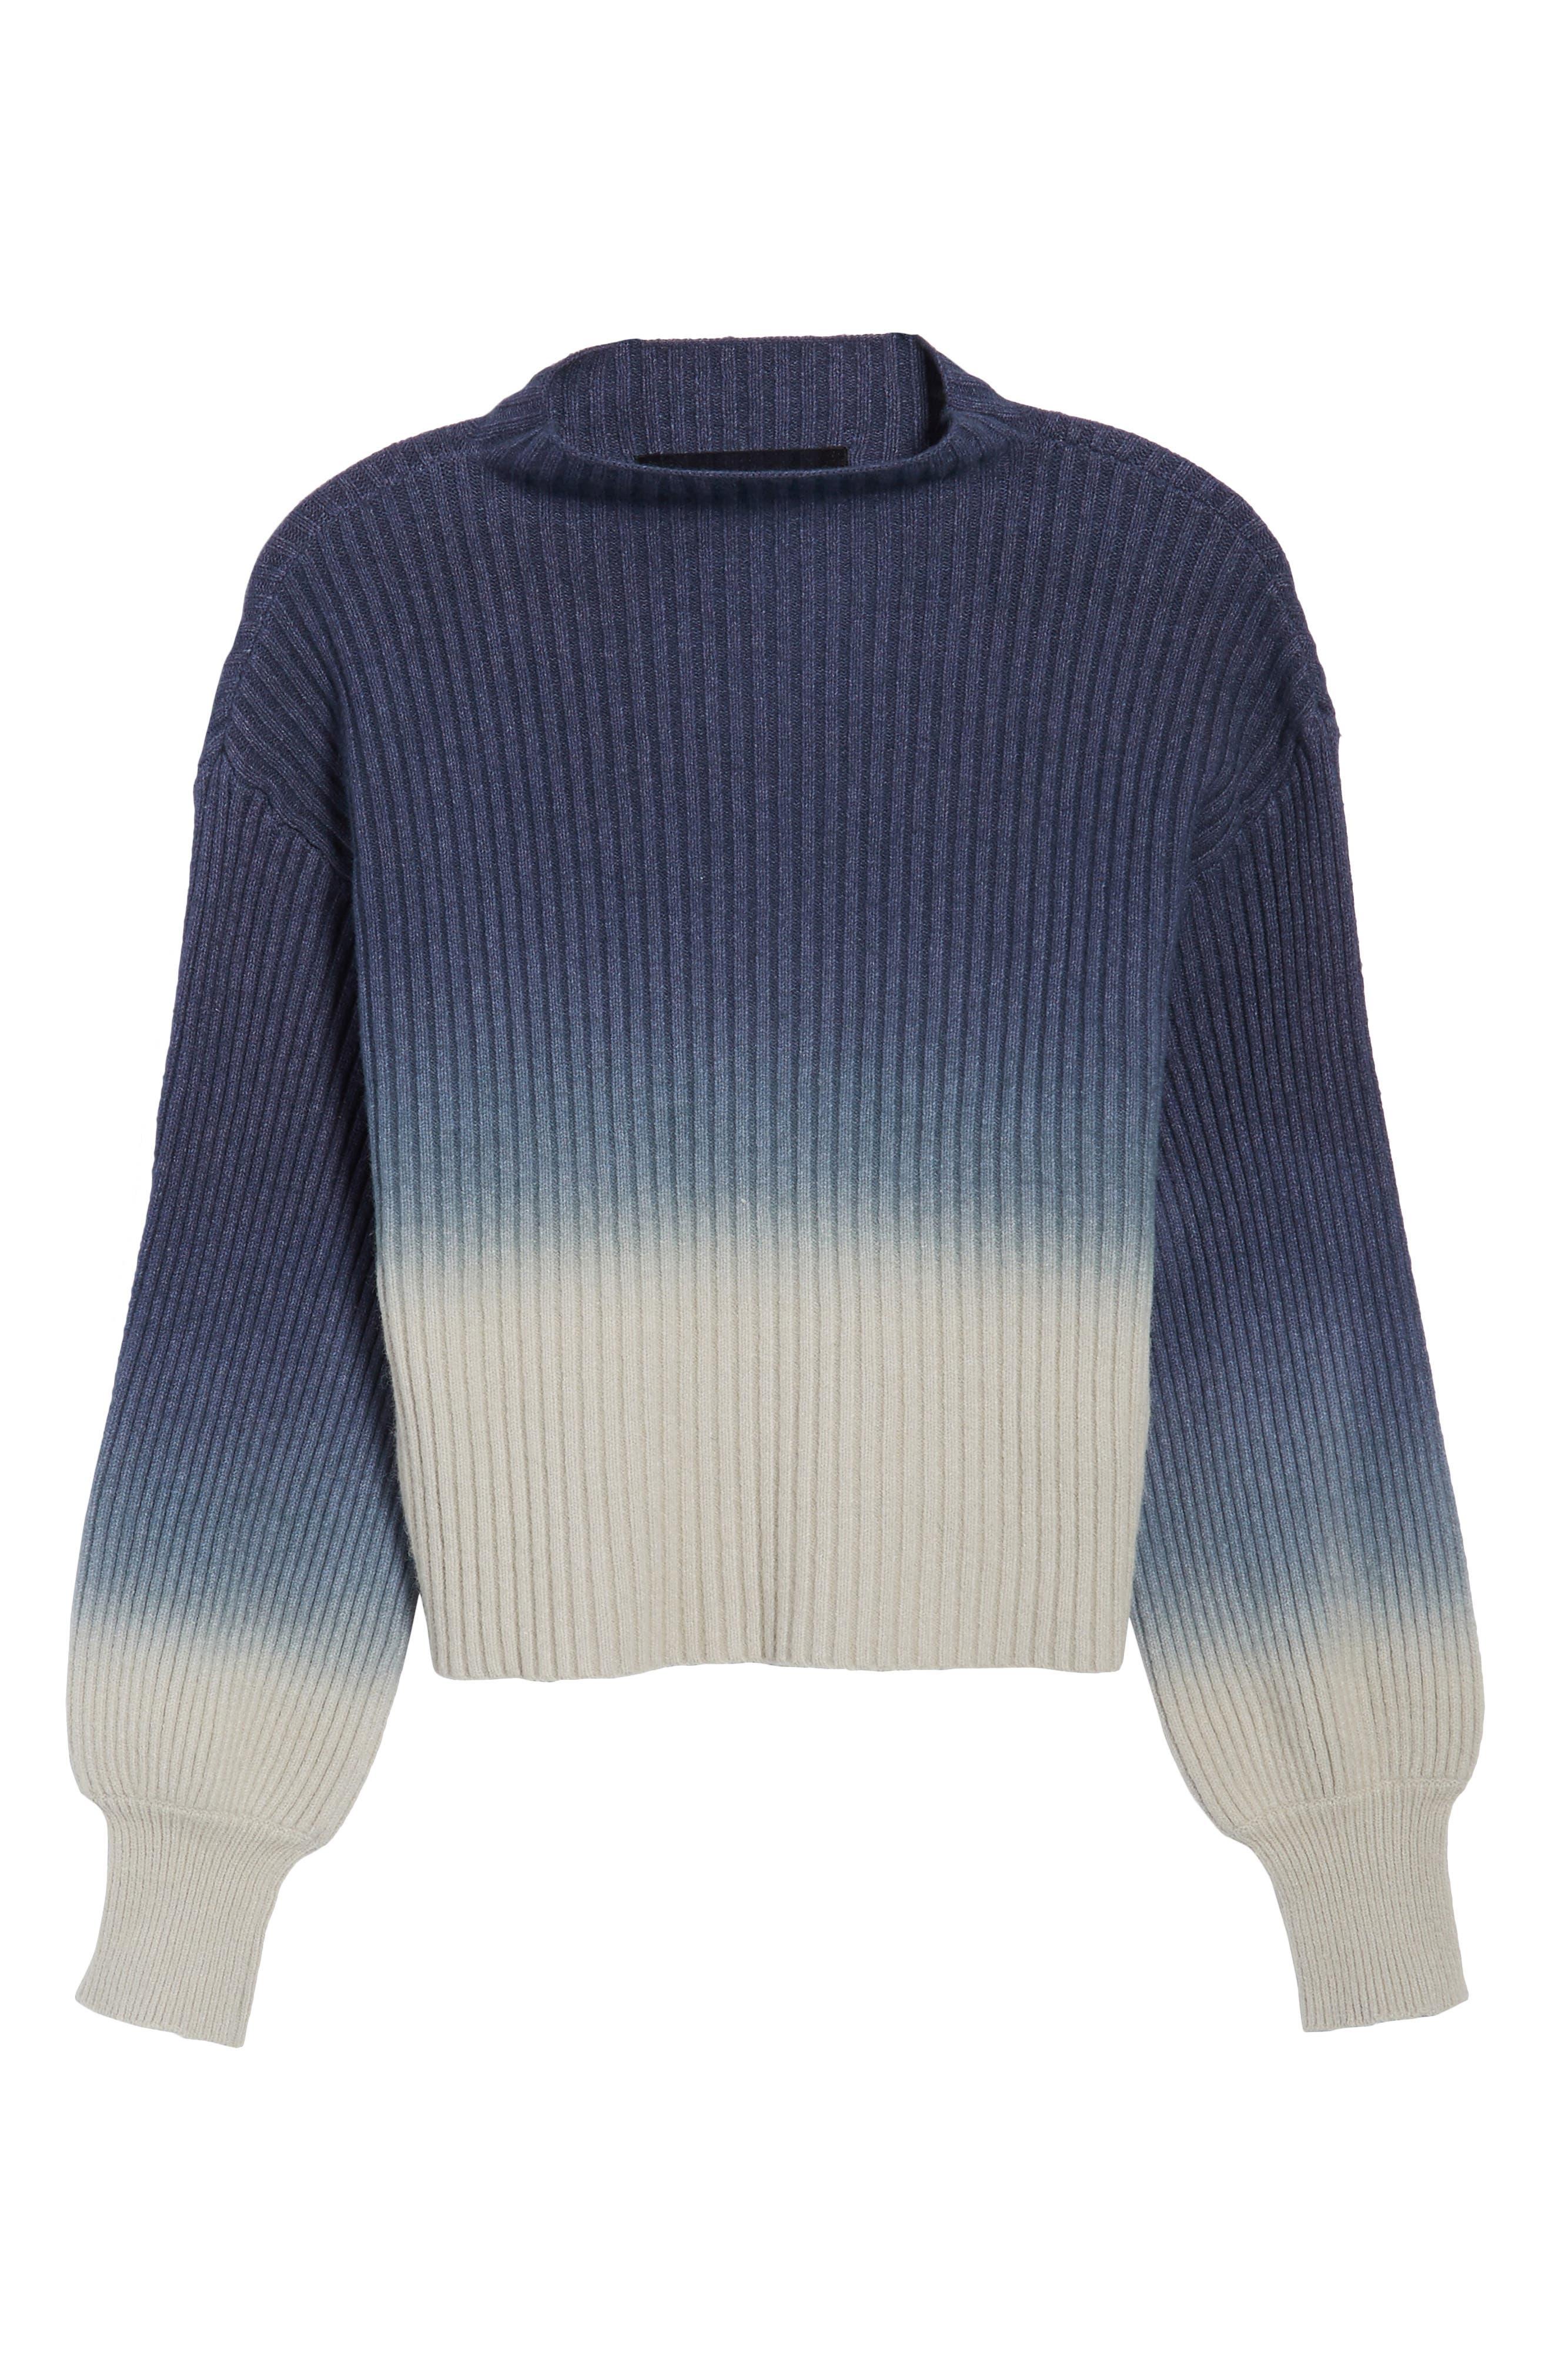 Ombré Sweater,                             Alternate thumbnail 6, color,                             Blue/ White